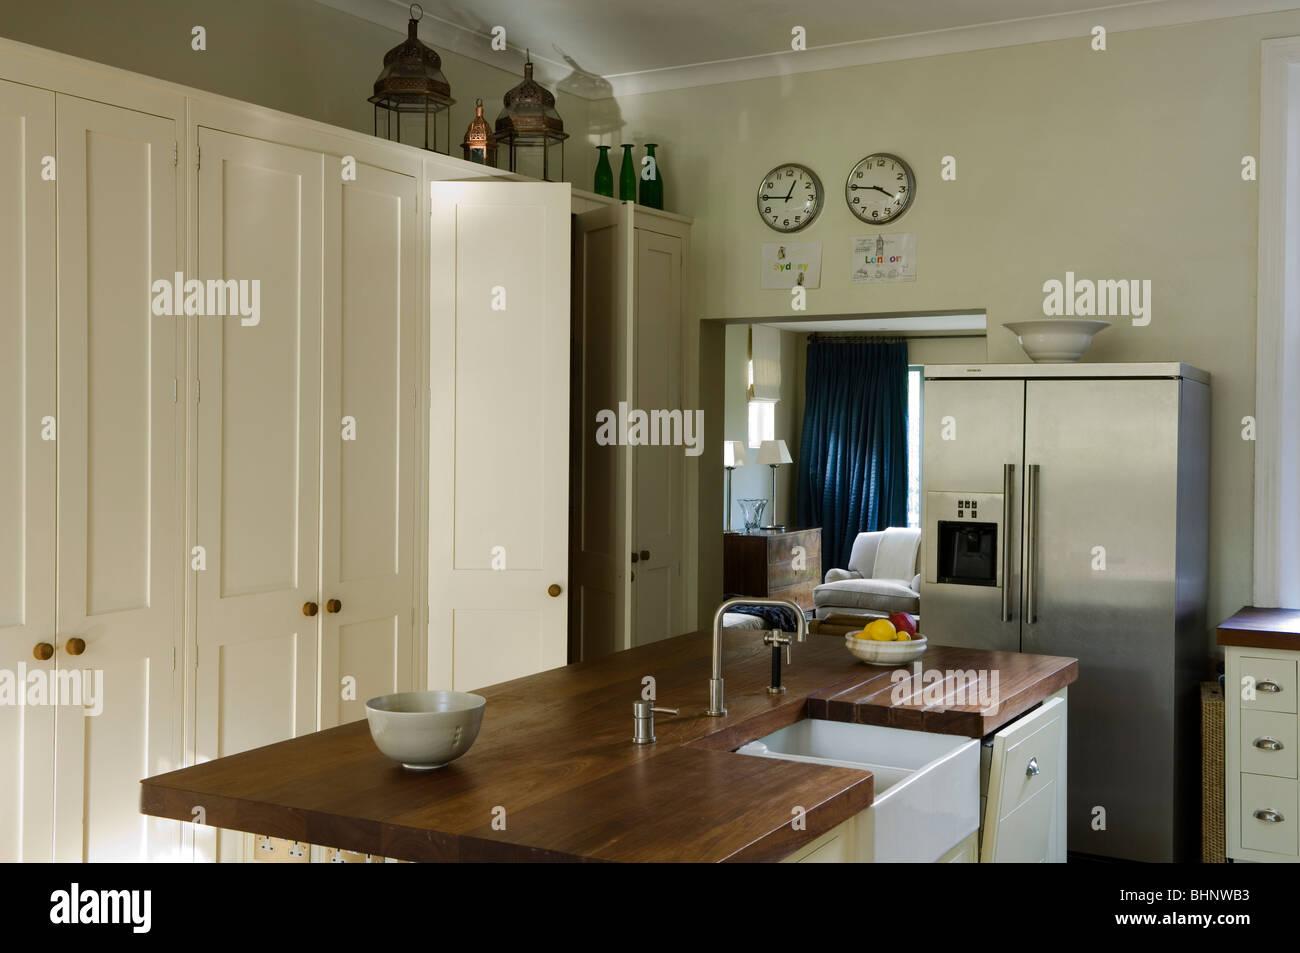 Iroko Holz Arbeitsplatte Mit Belfast Waschbecken In Küche Mit Weißen  Lagerung Schränke Und Edelstahl Fertigen Kühlschrank